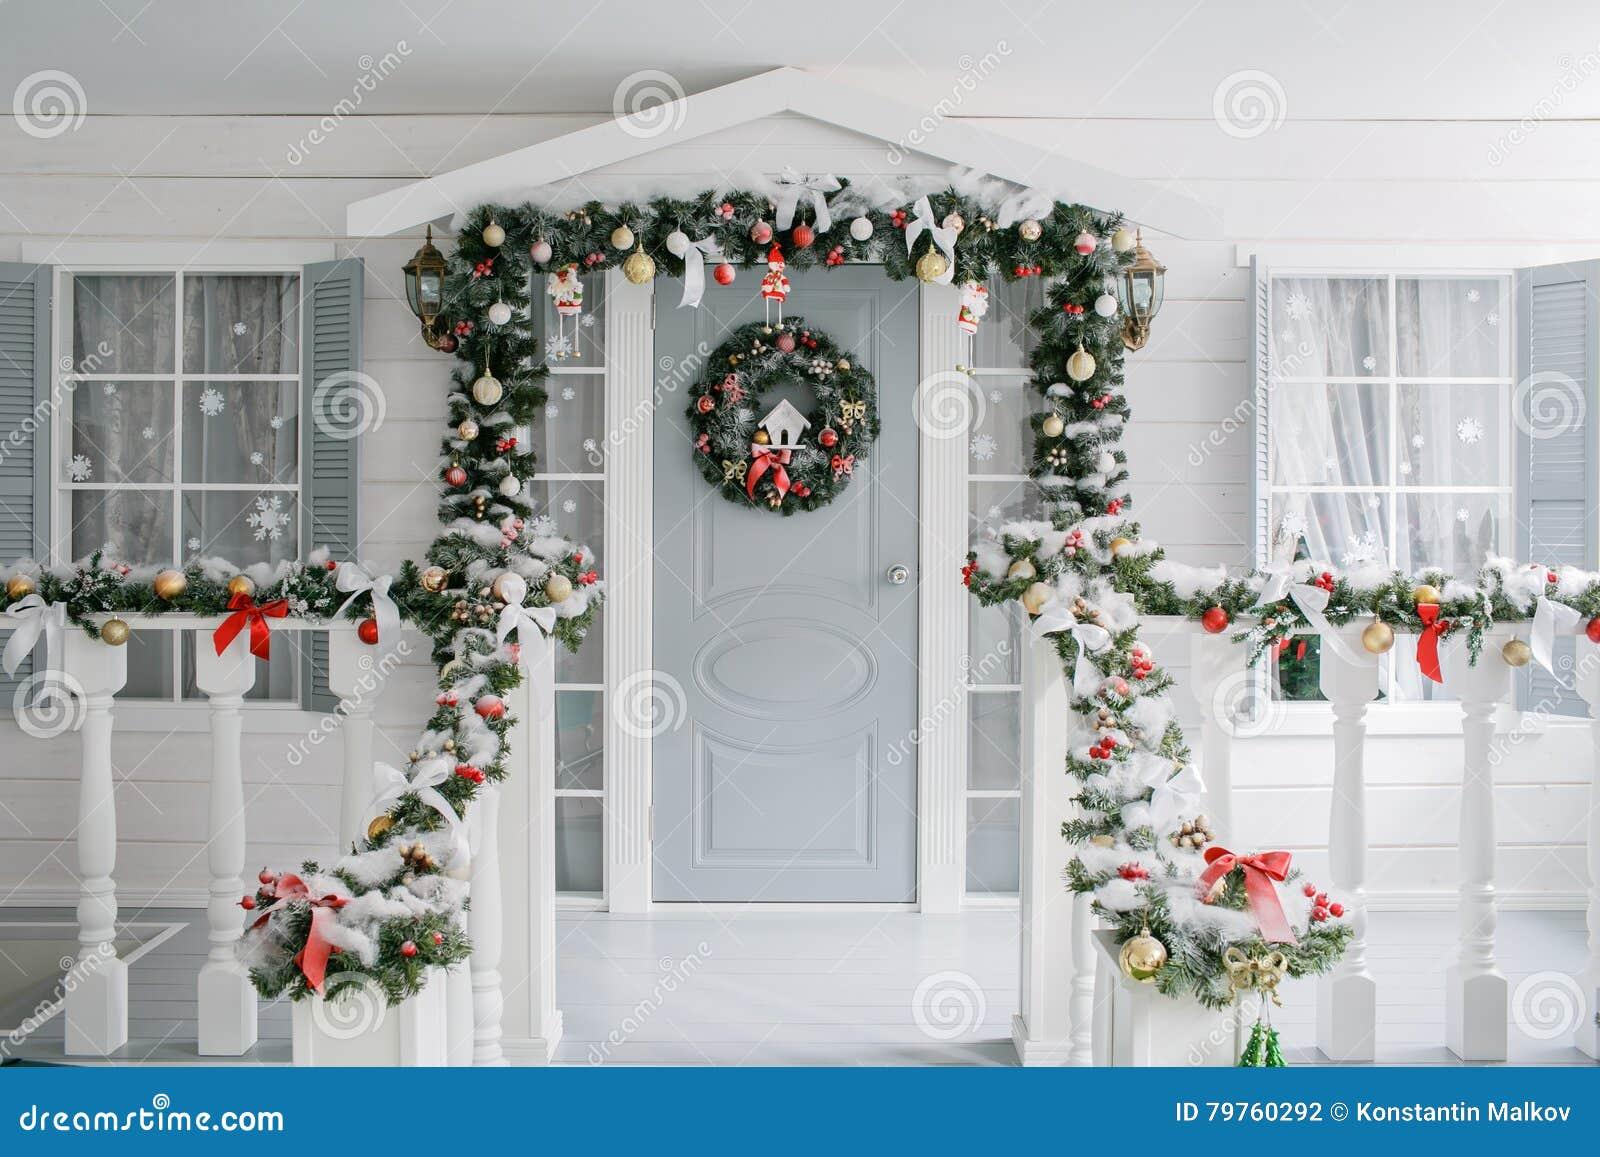 Matin de Noël appartements de luxe classiques avec une cheminée blanche, arbre décoré, sofa lumineux, grandes fenêtres